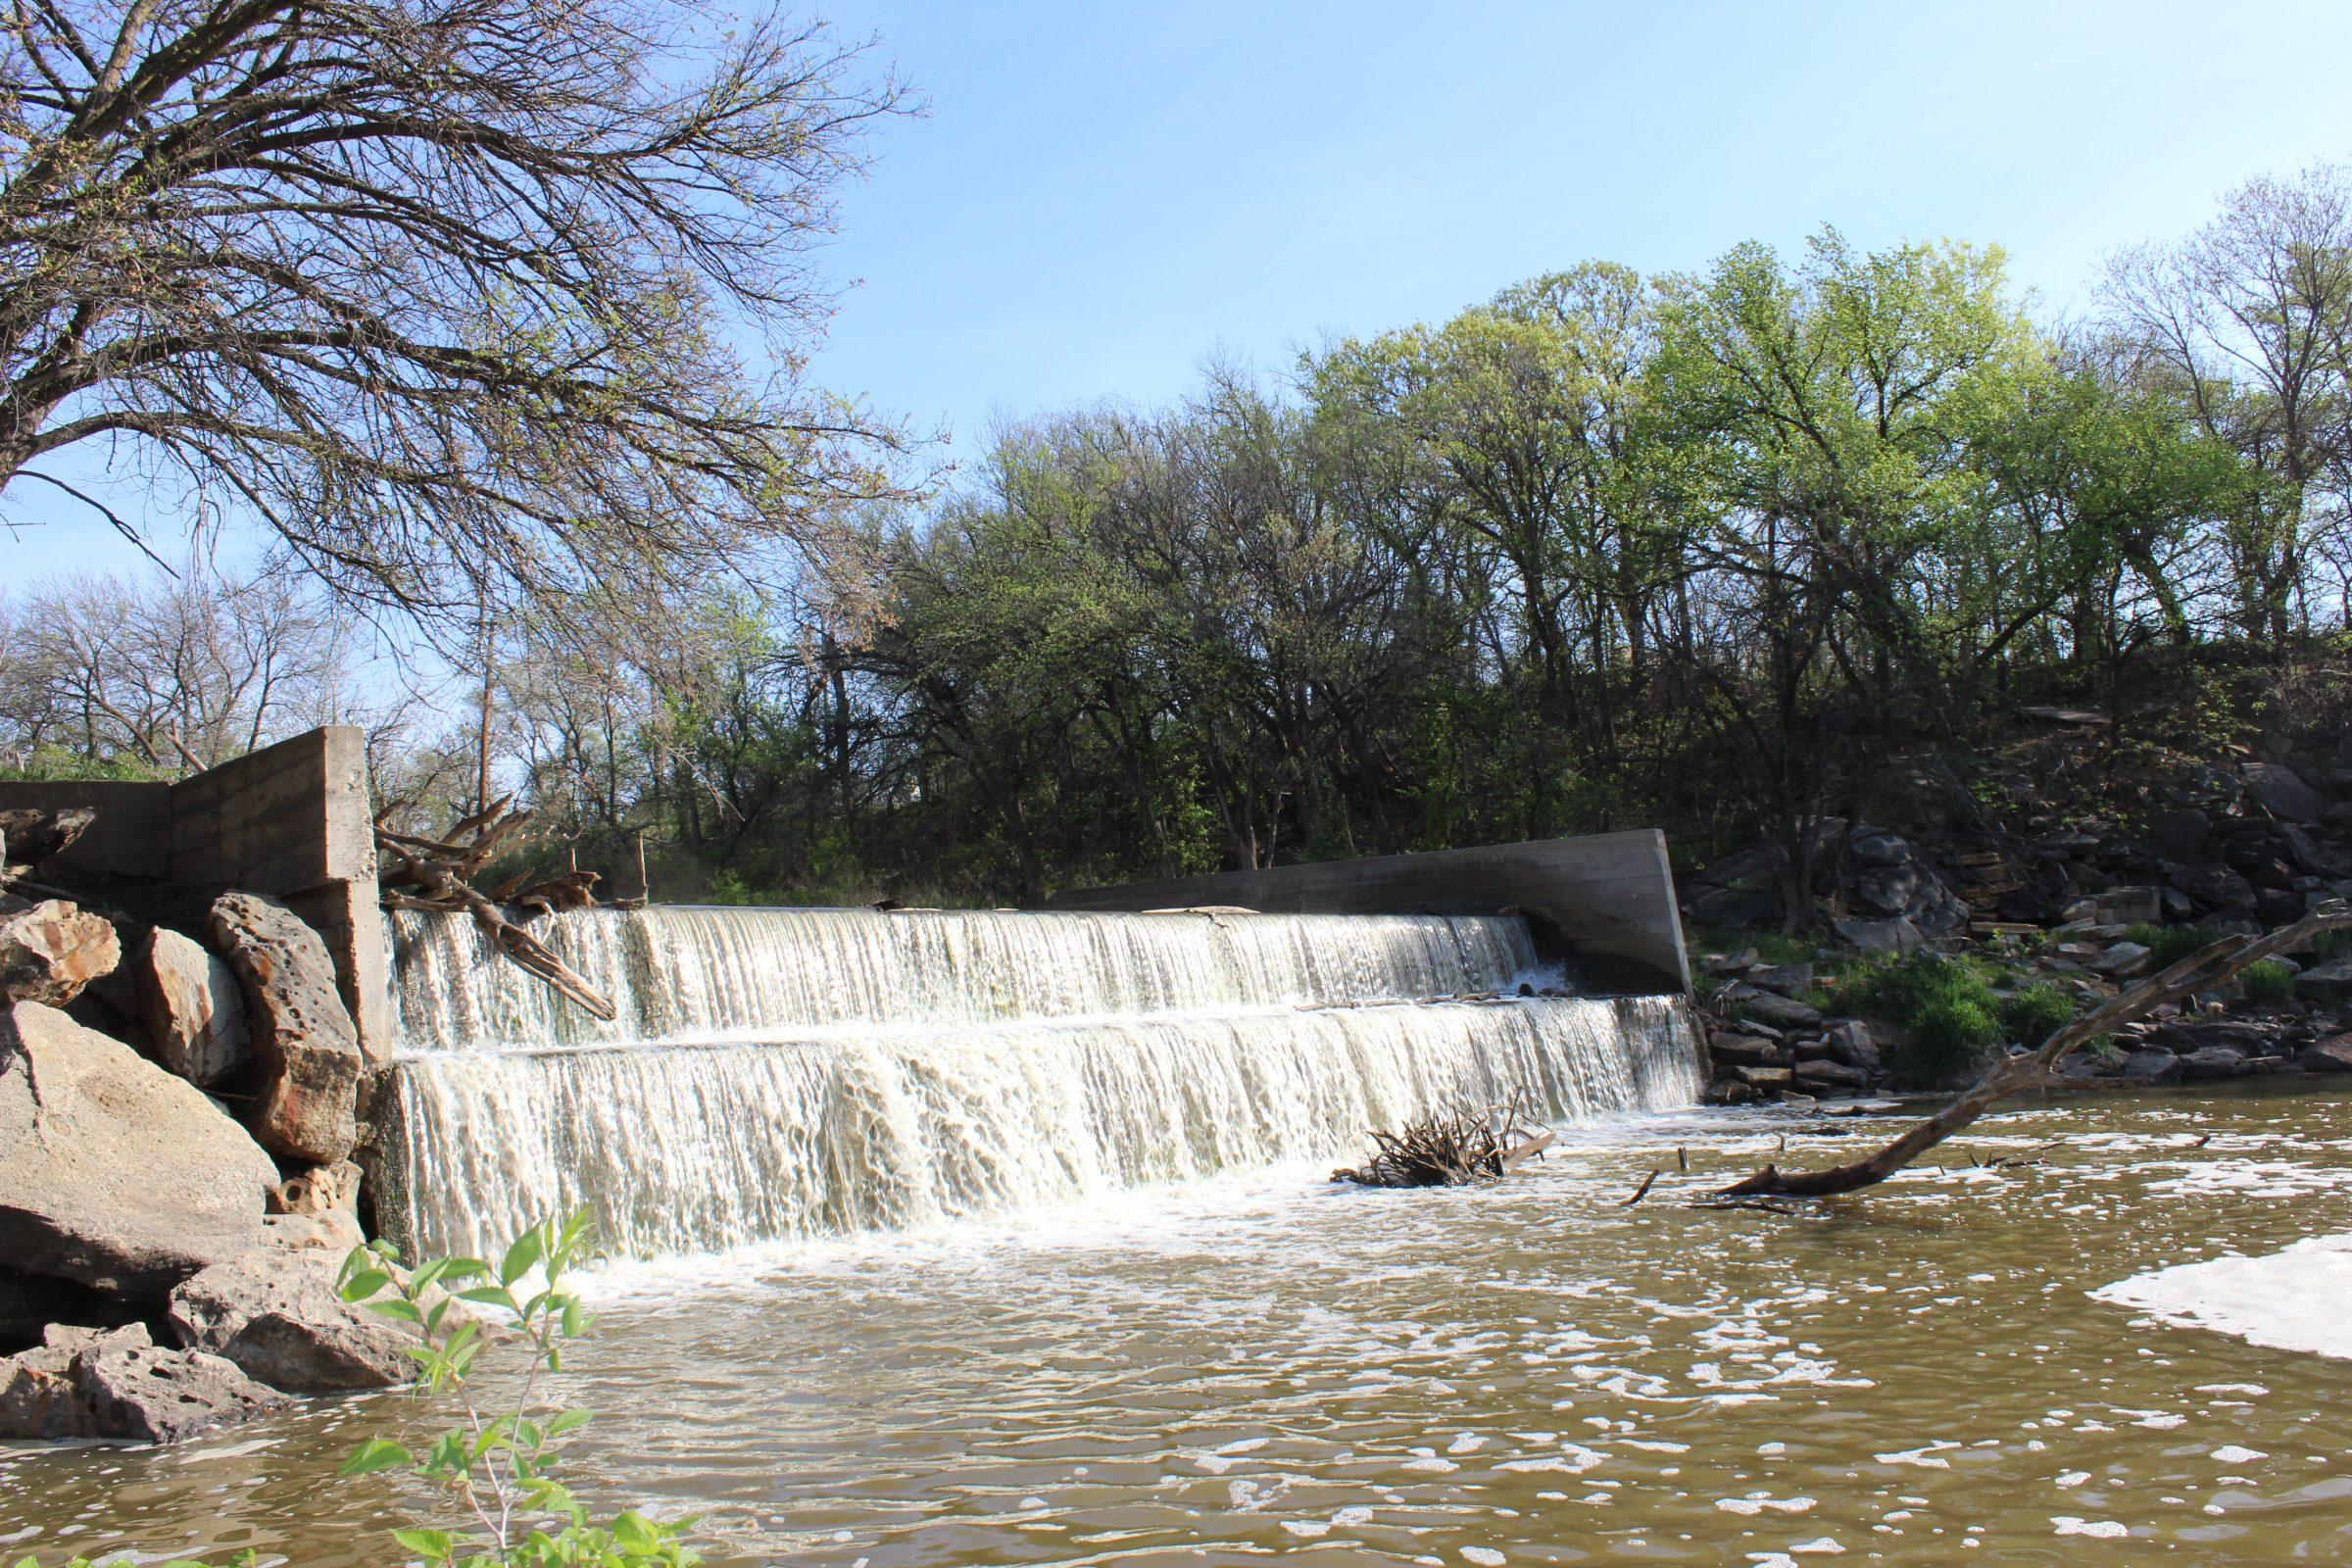 Saline River Dam at Lincoln, KS